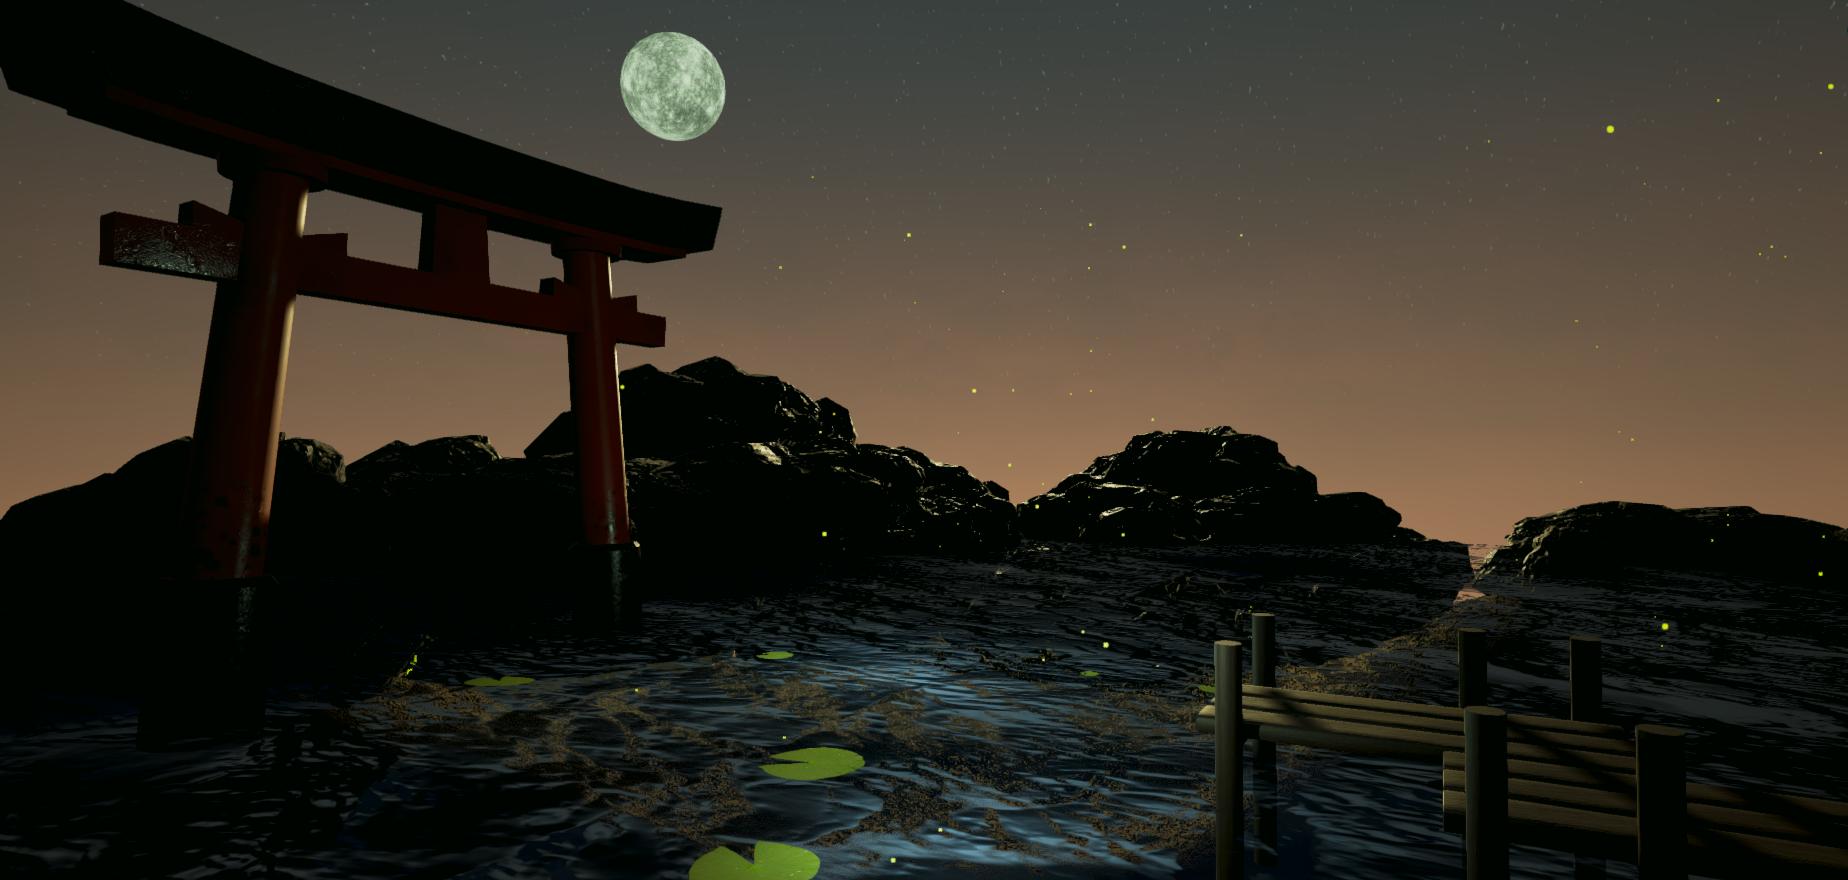 VR Zen